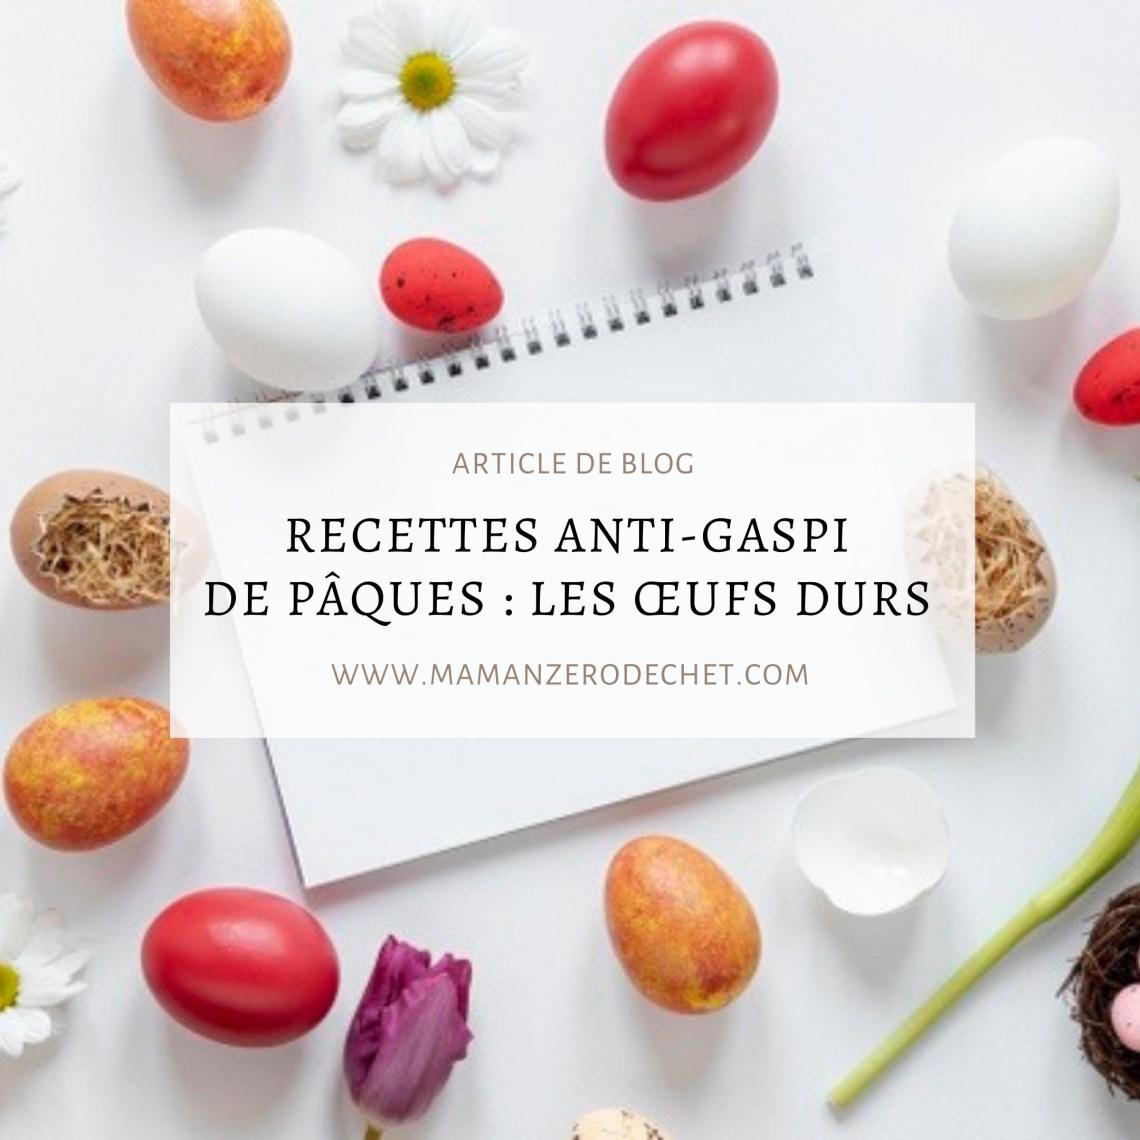 recettes anti-gaspi pâques oeufs durs